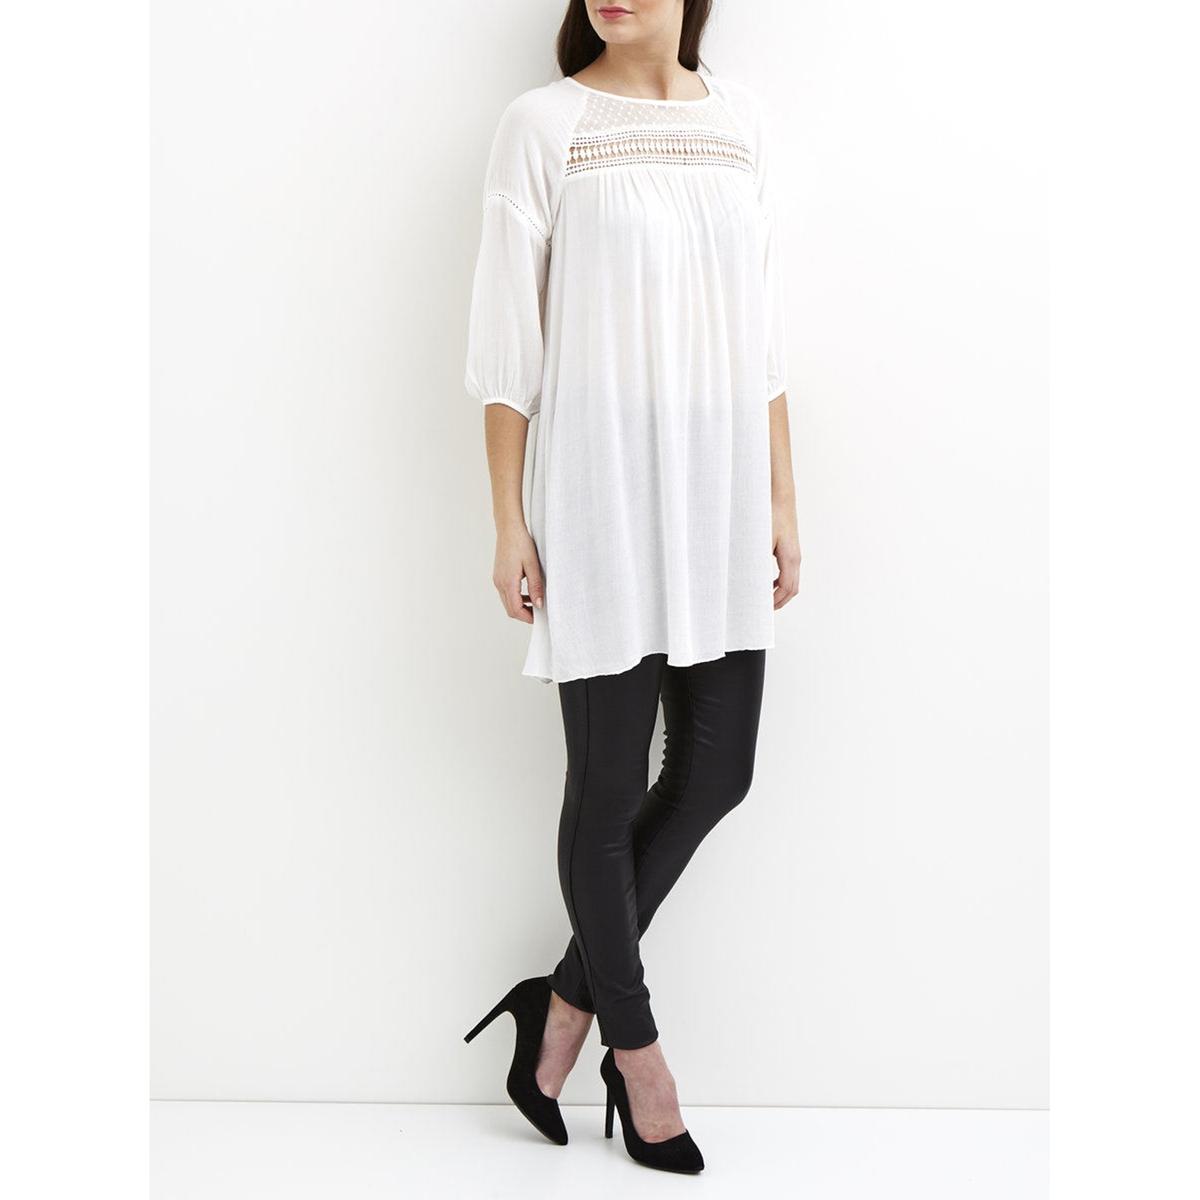 Платье с рукавами 3/4, из вуали, с вышивкой гладью, VILA VIGURLA TUNICСостав и описание :Материал : 100% вискозыМарка : VILA<br><br>Цвет: белый